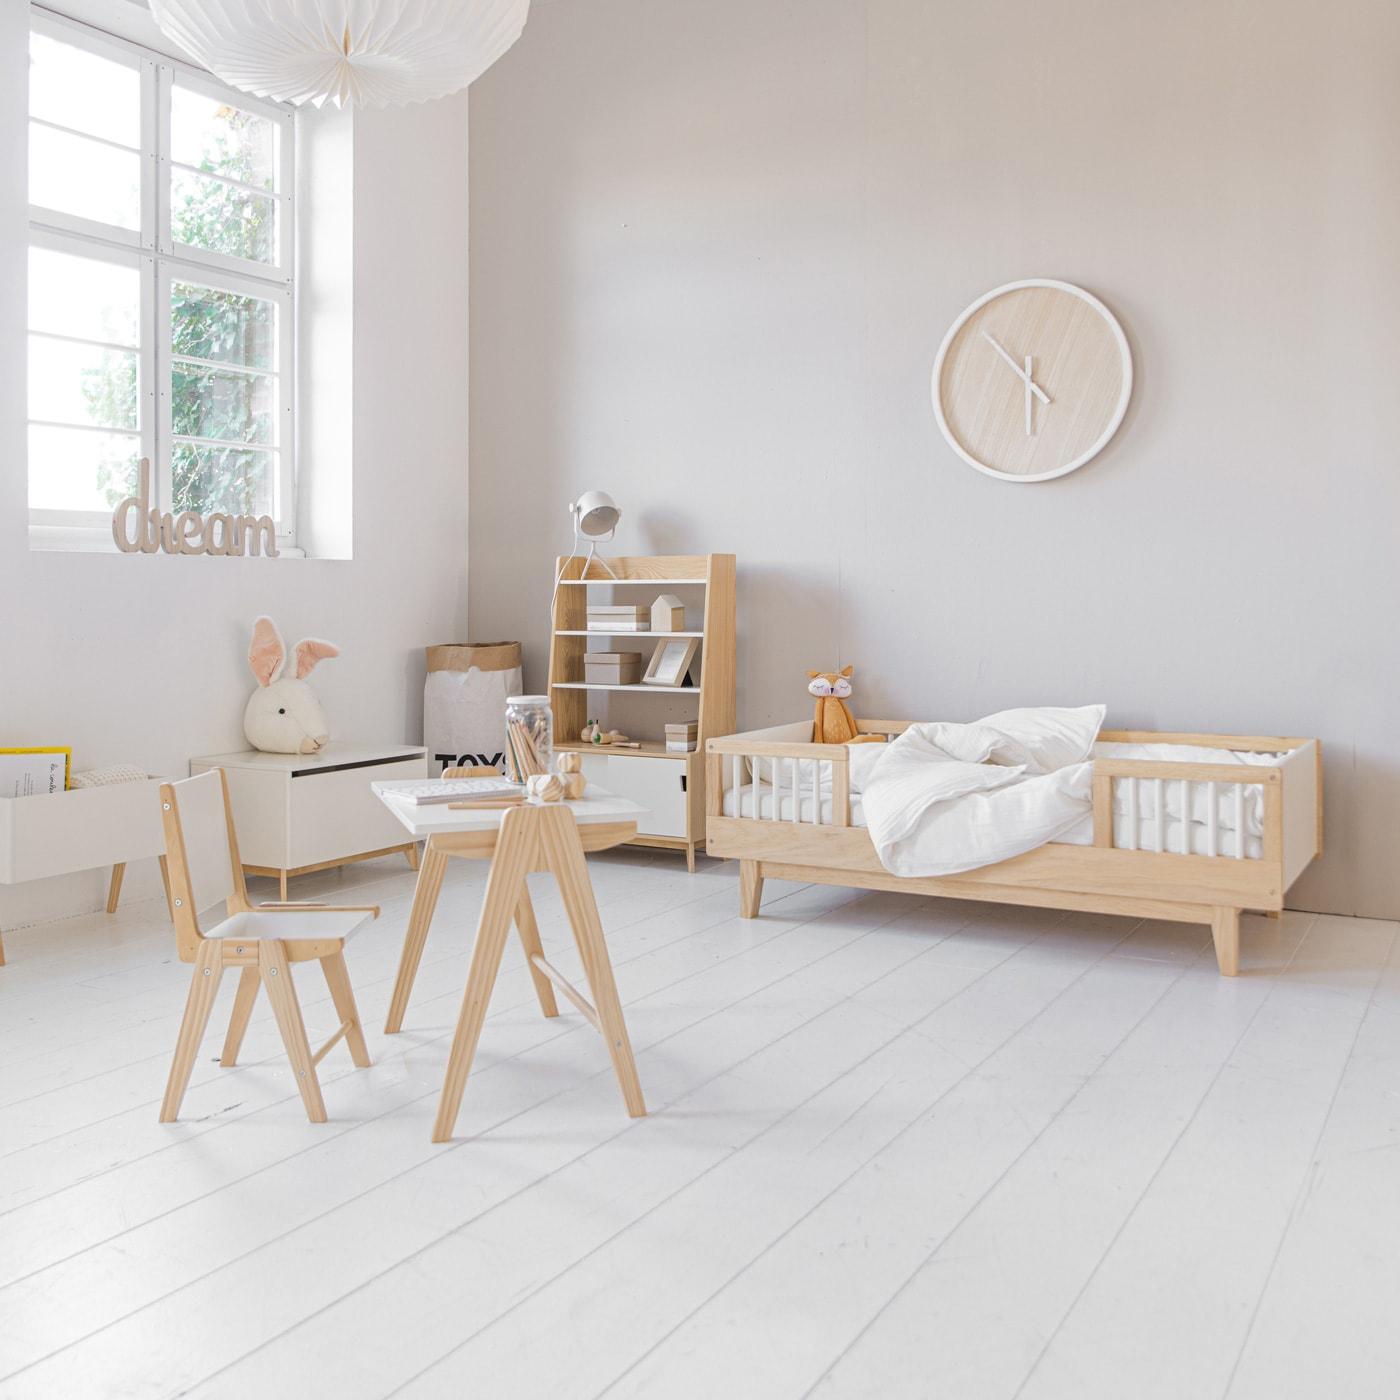 Kinderzimmer schön einrichten mit Kleinkindbett von Petite Amélie // HIMBEER